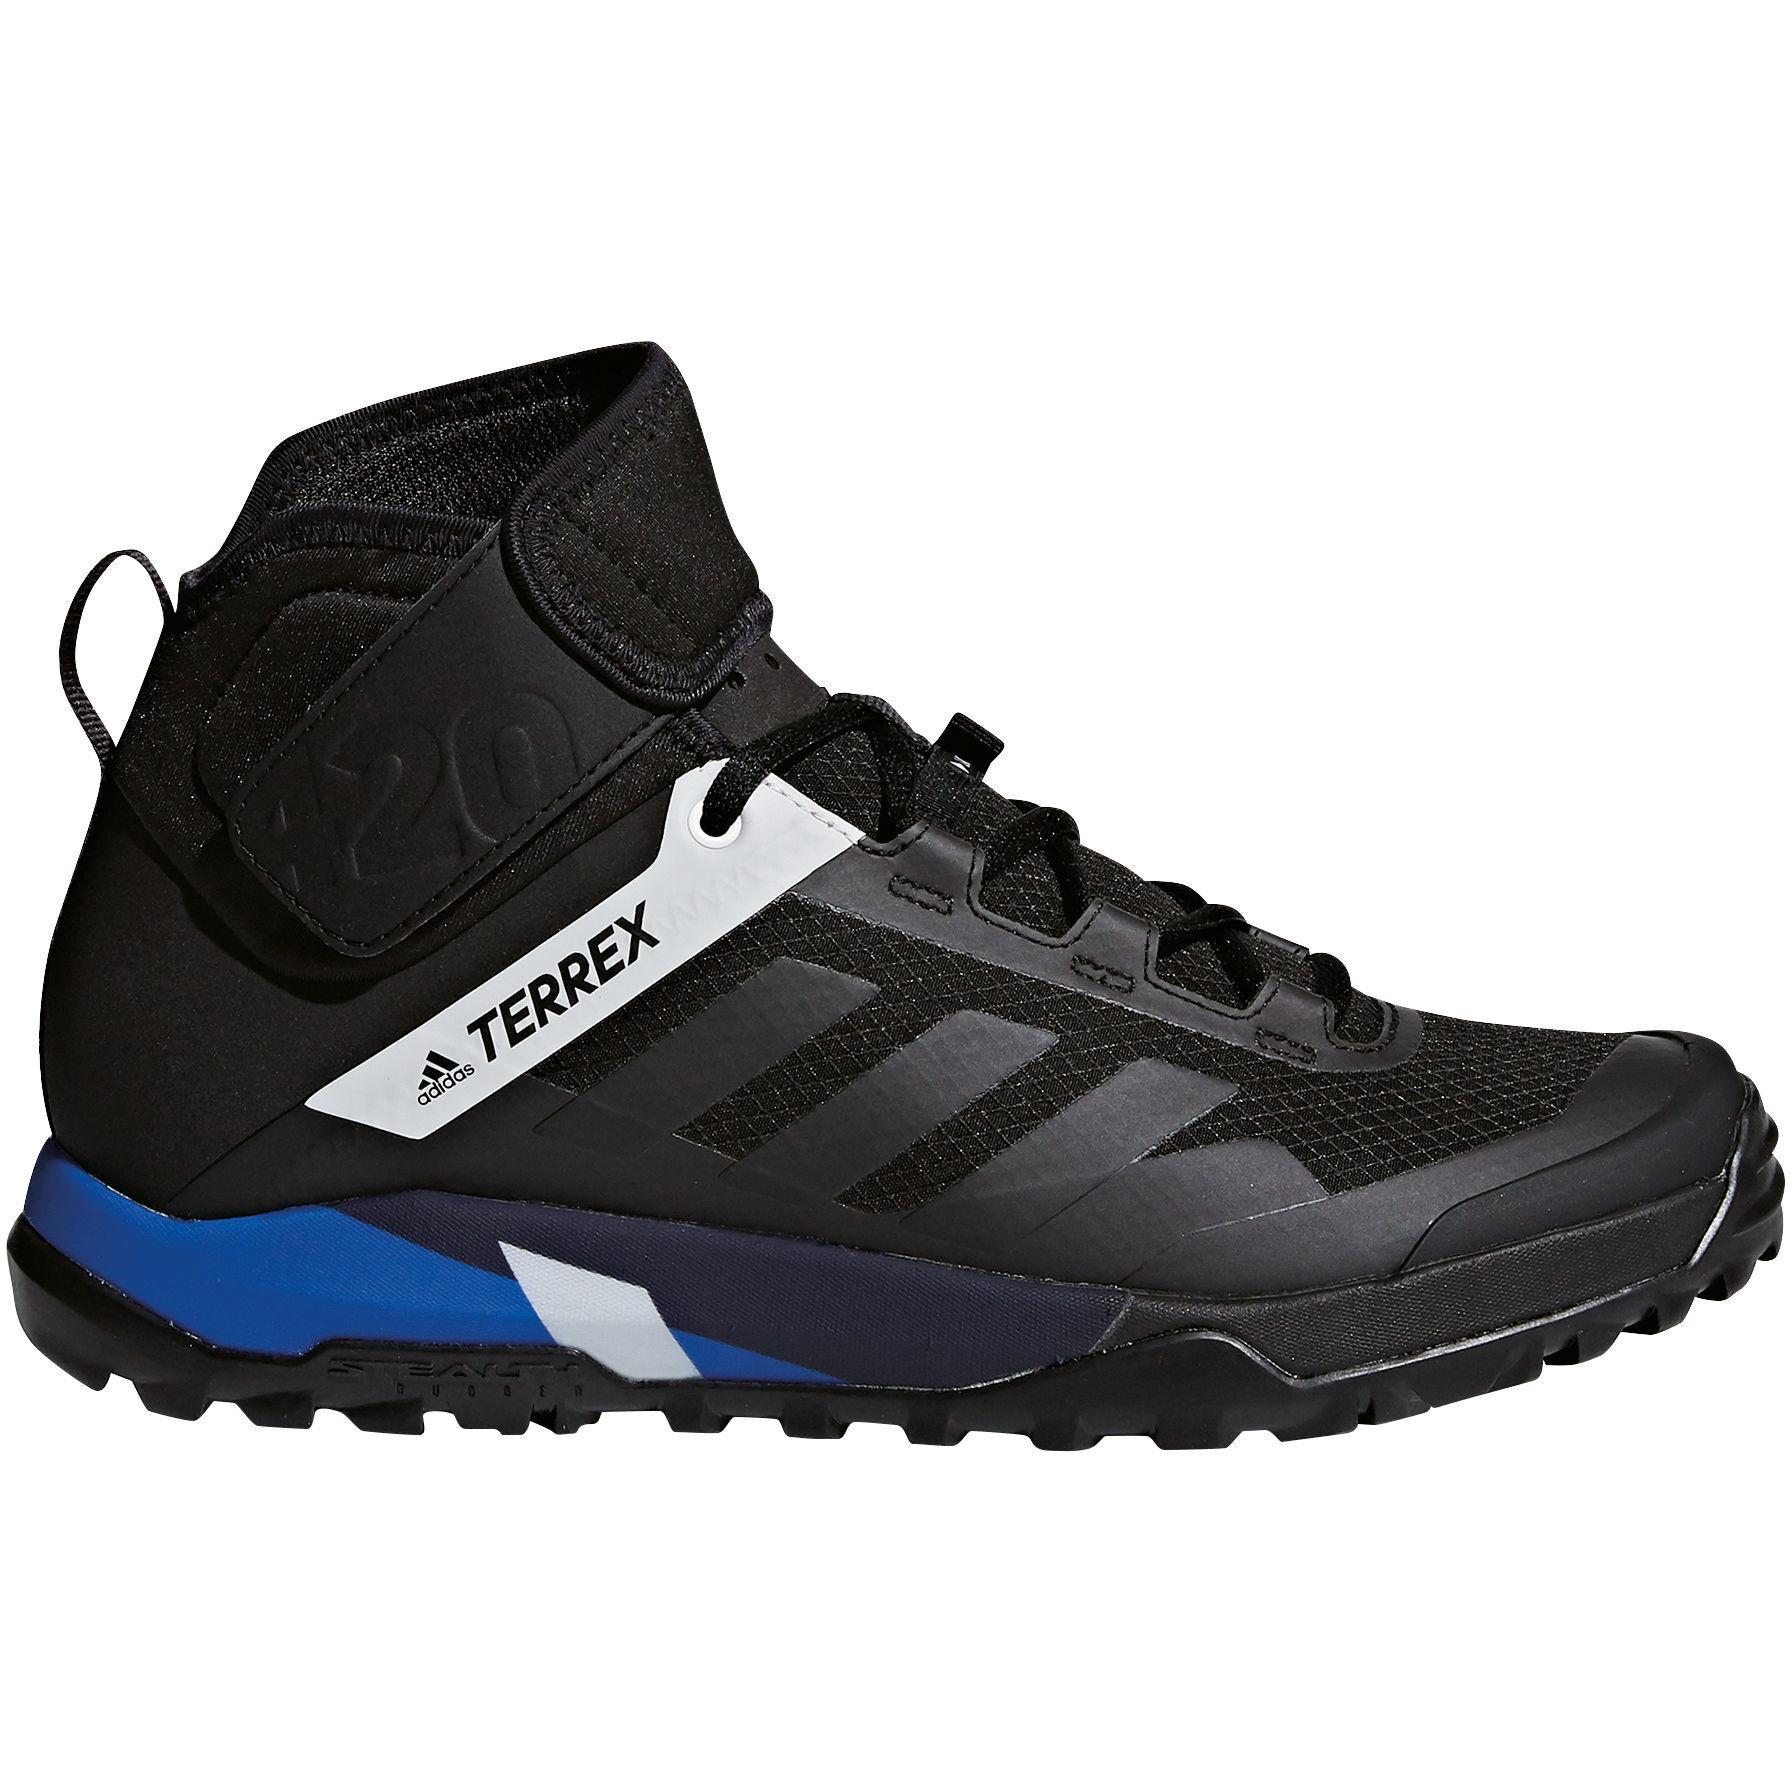 Günstig Schuhe Terrex Kaufen Mtb Adidas SUVpqzM